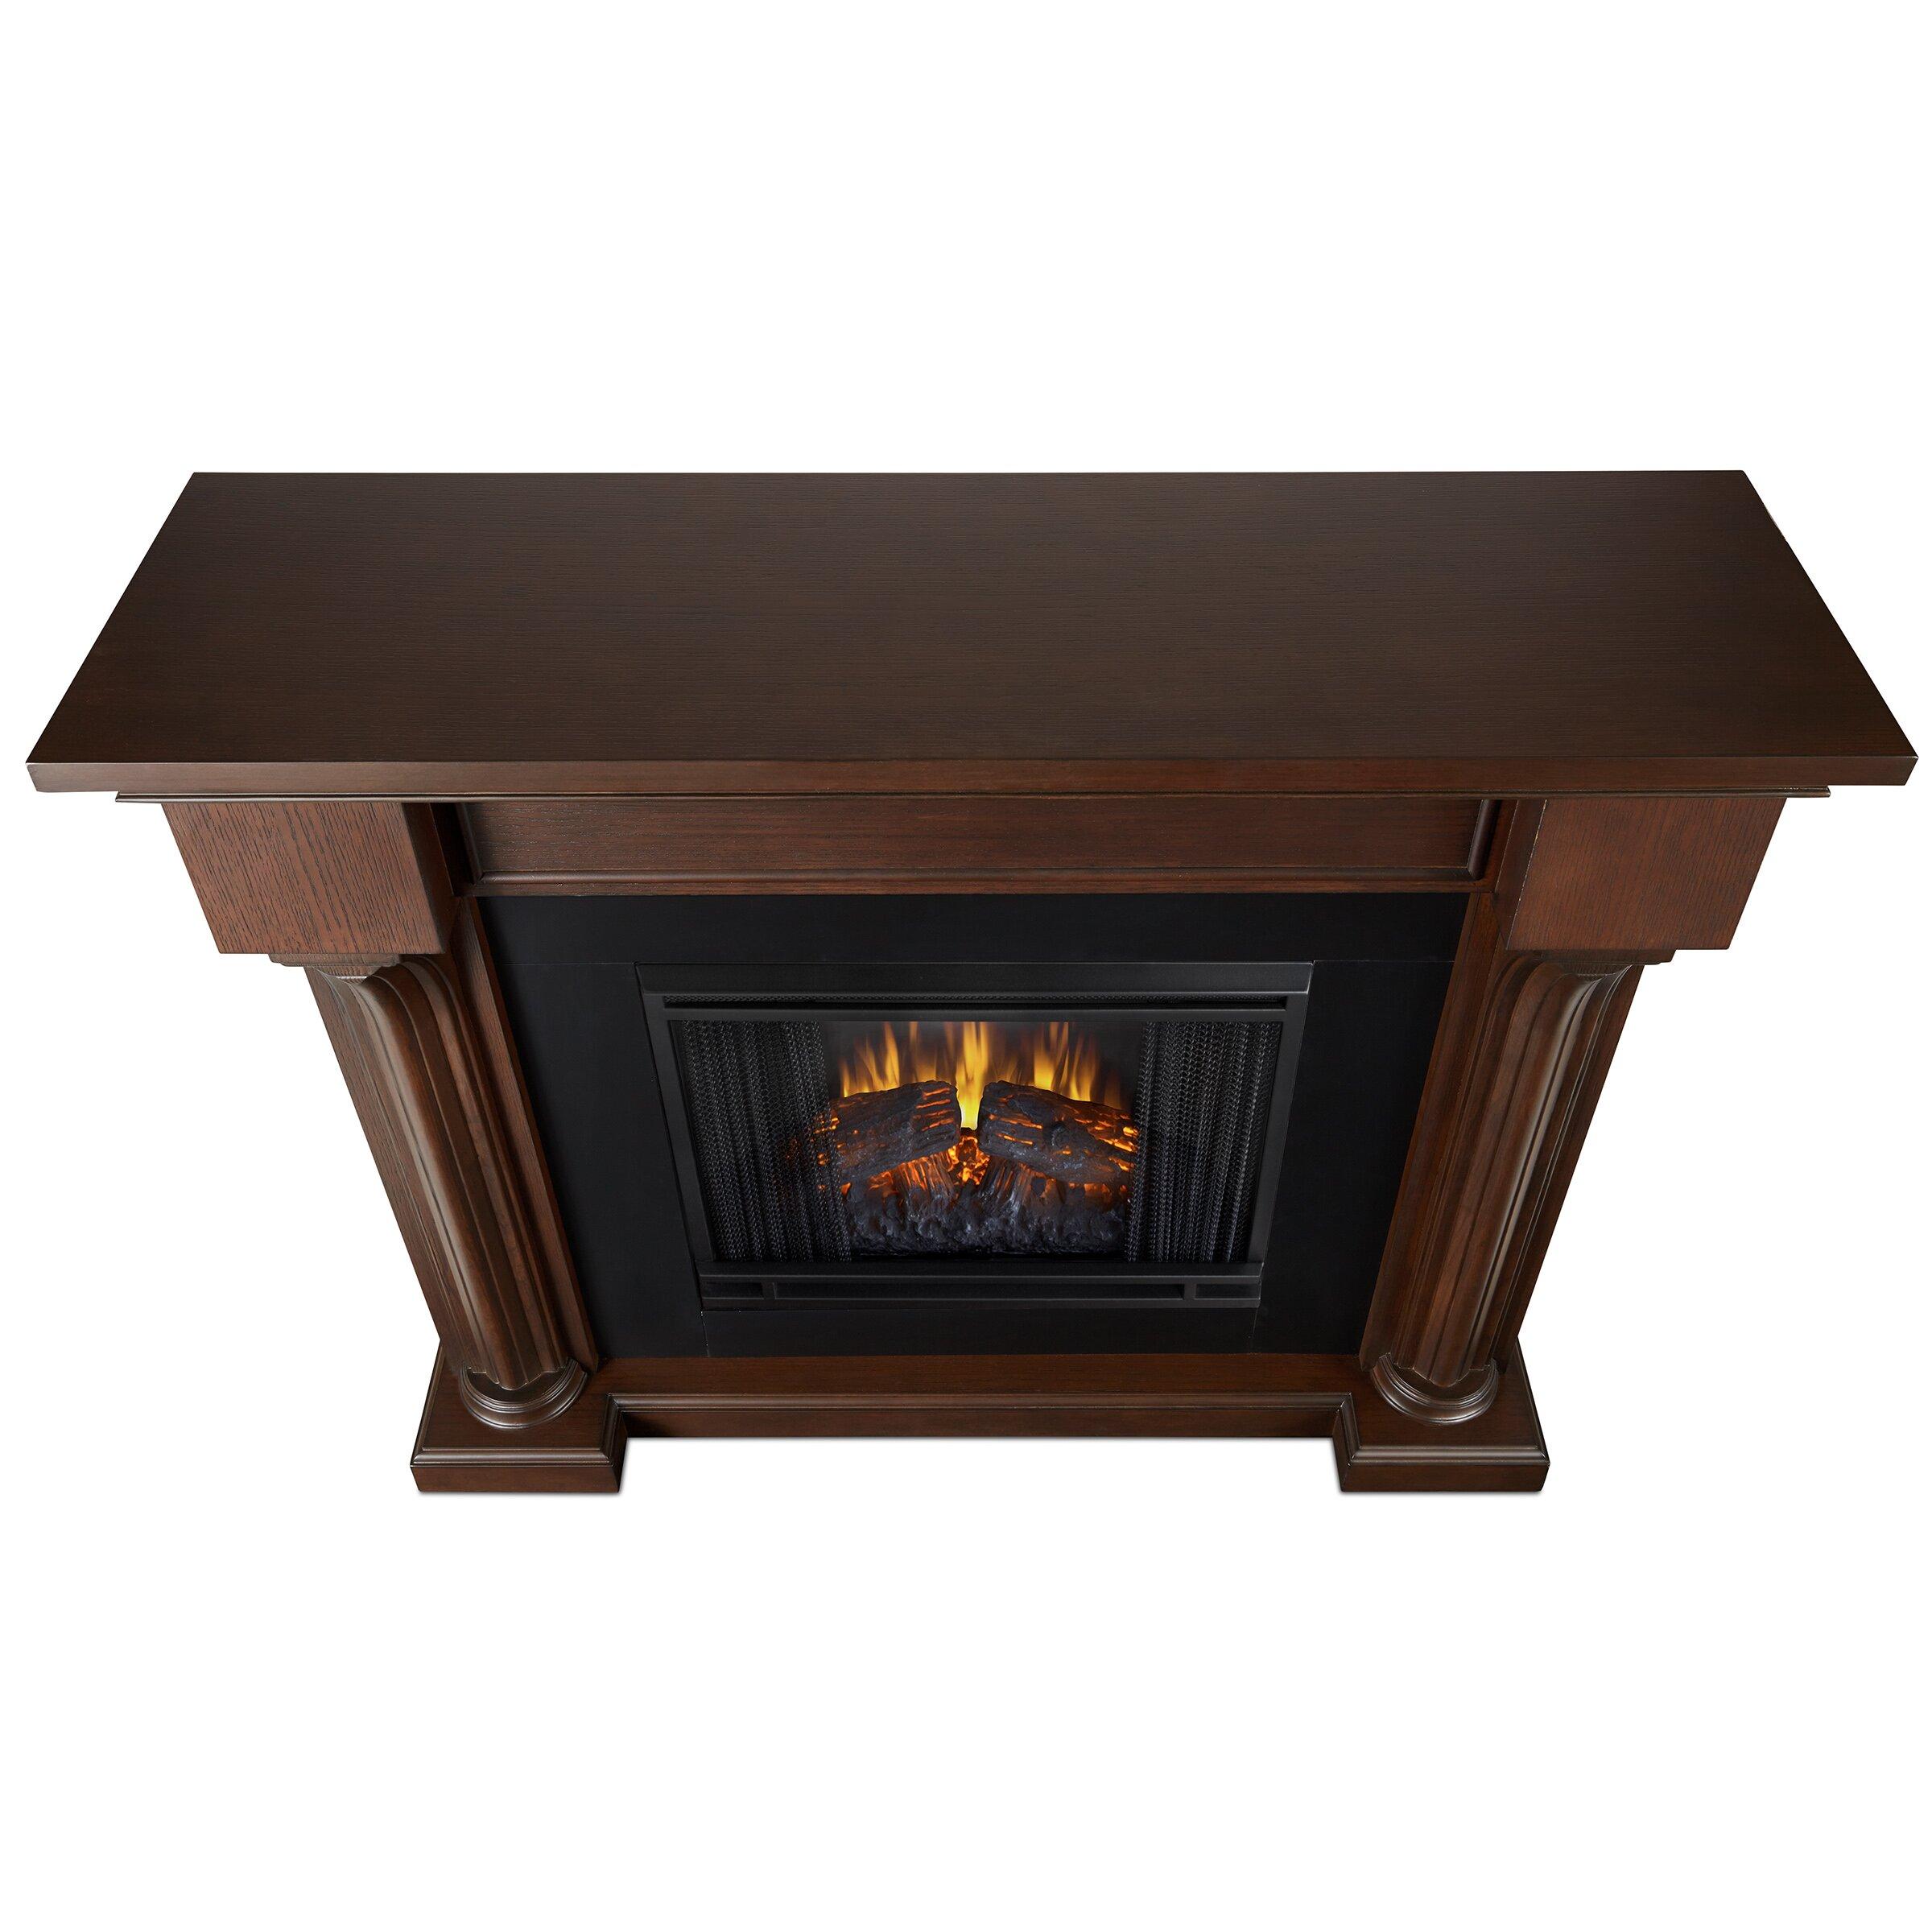 Real Flame Verona Electric Fireplace Reviews Wayfair